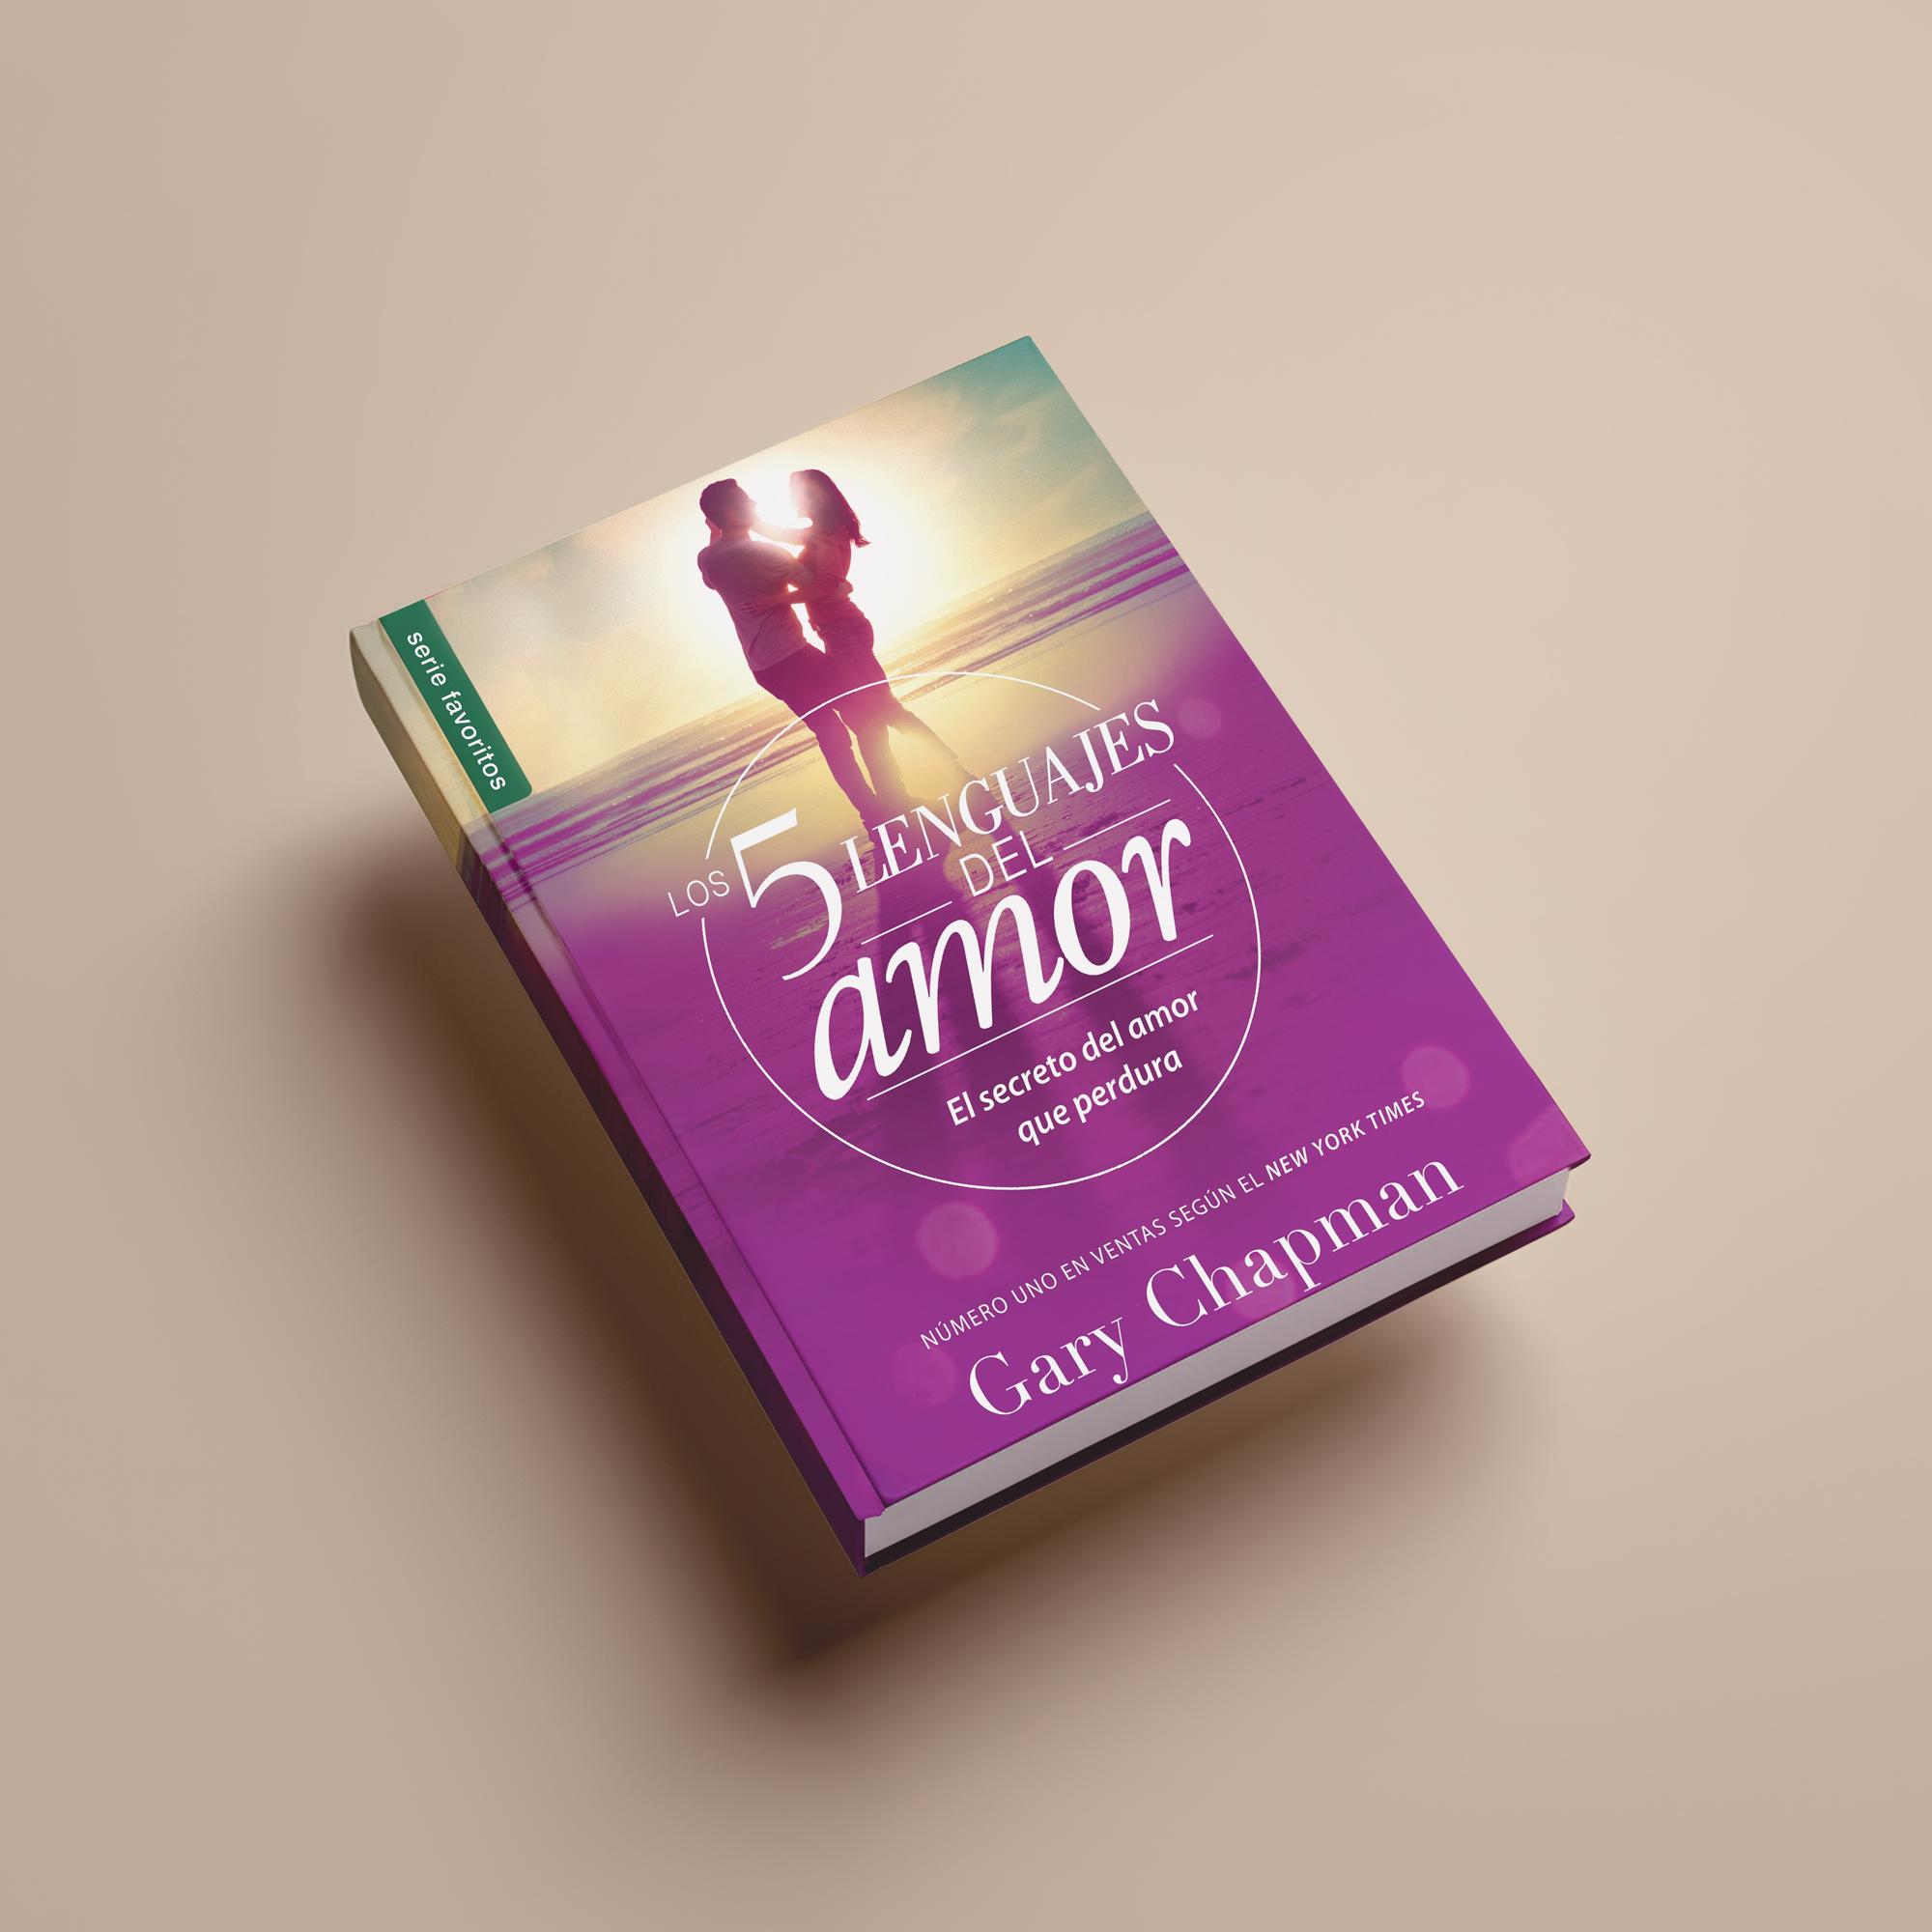 Portada del libro los 5 lenguajes del amor de Charles R. Swindoll